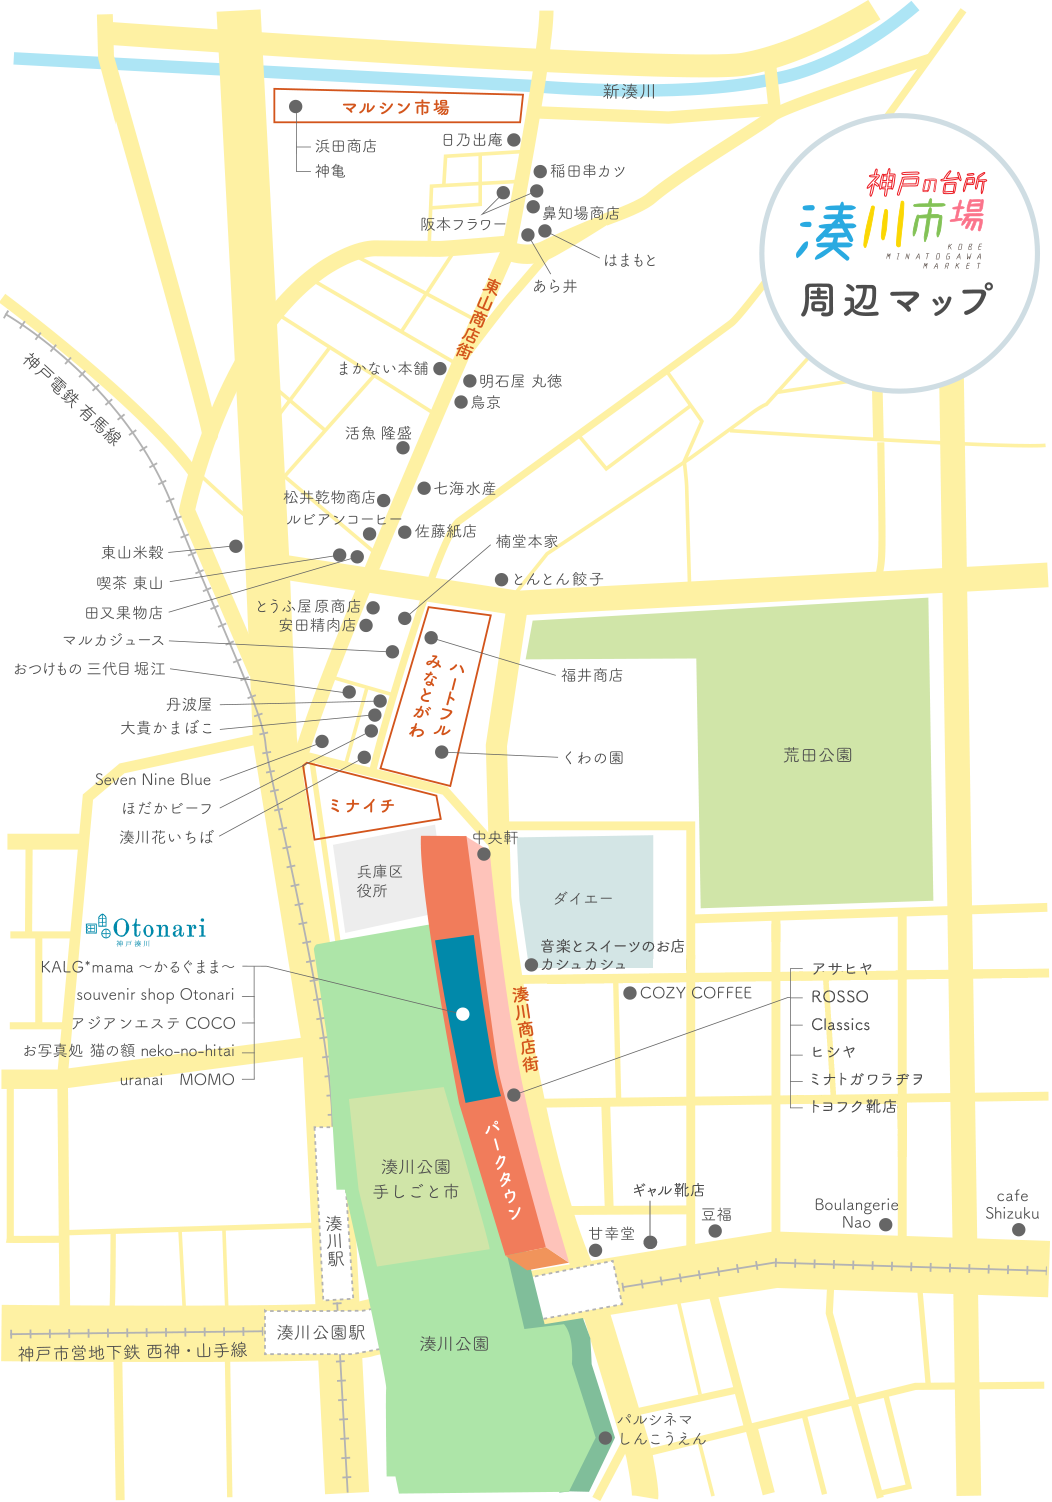 湊川市場周辺のマップ